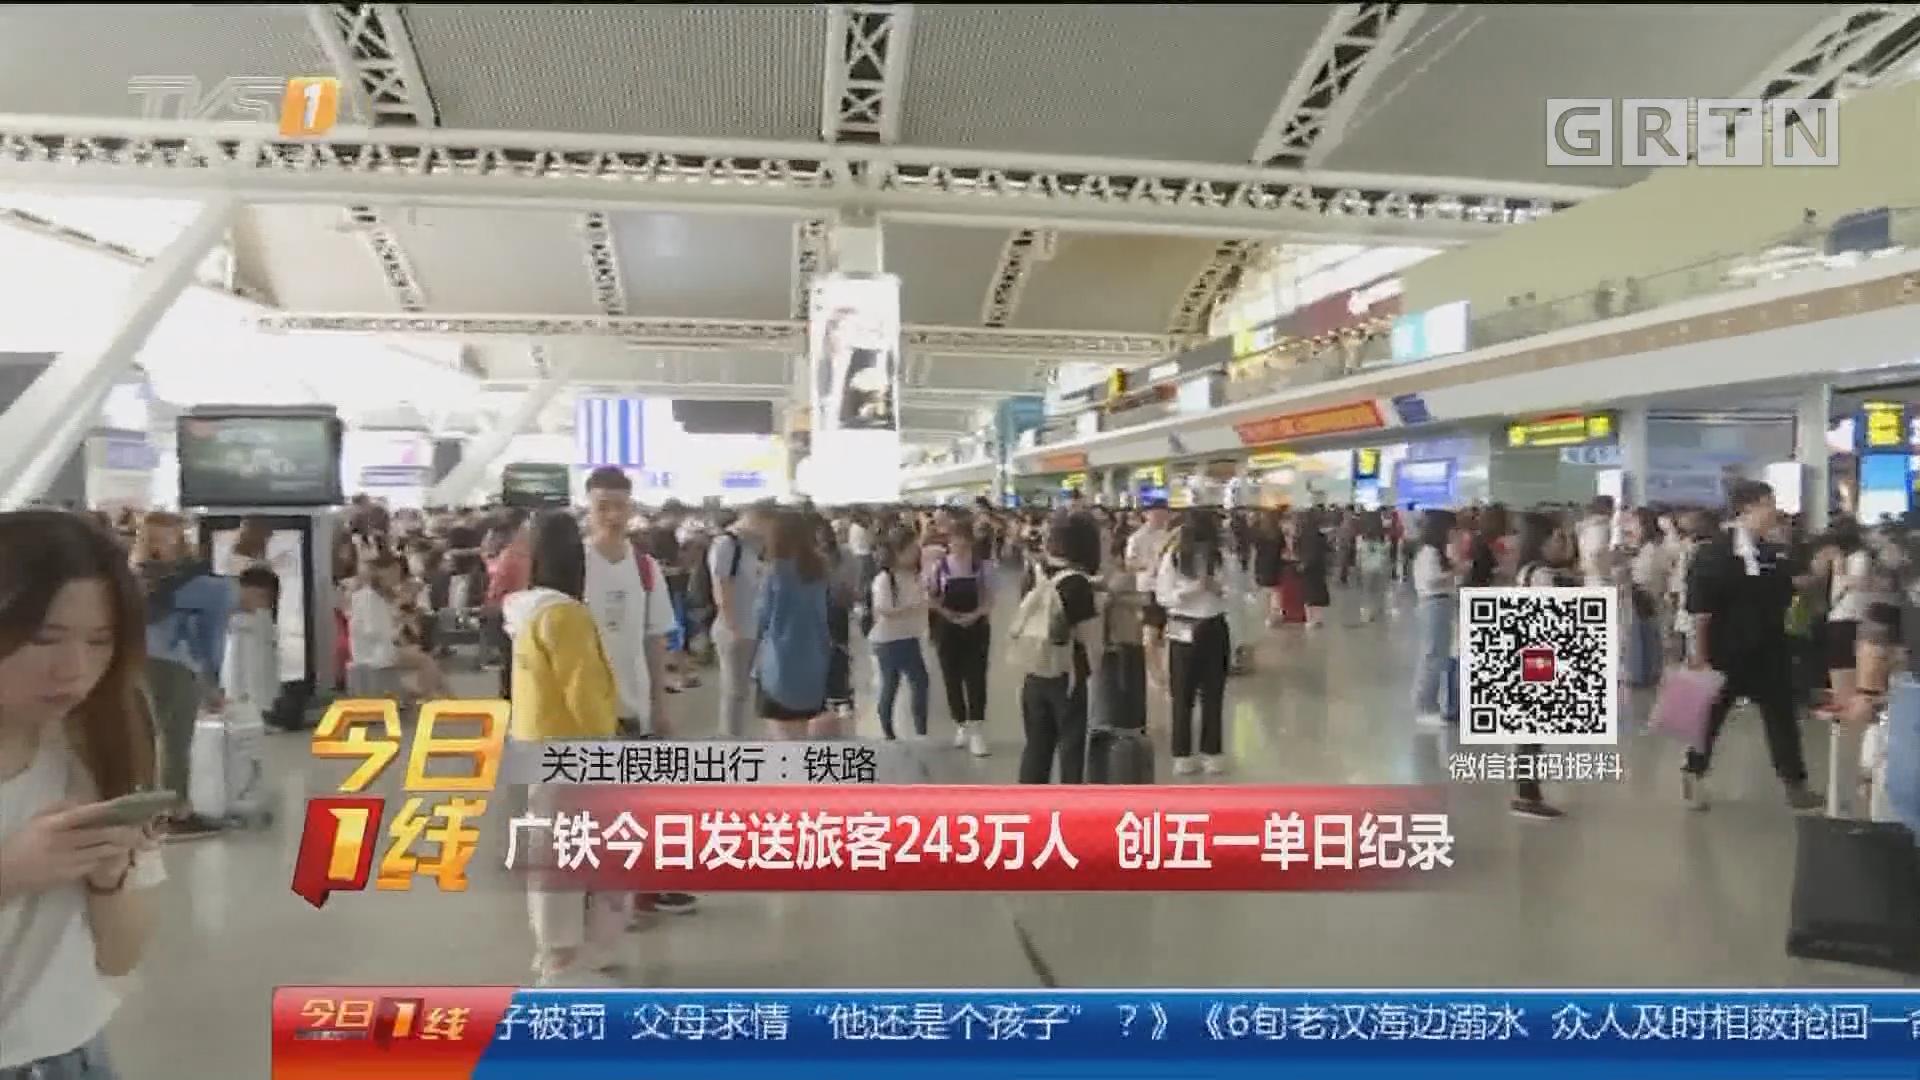 关注假期出行:铁路 广铁今日发送旅客243万人 创五一单日纪录